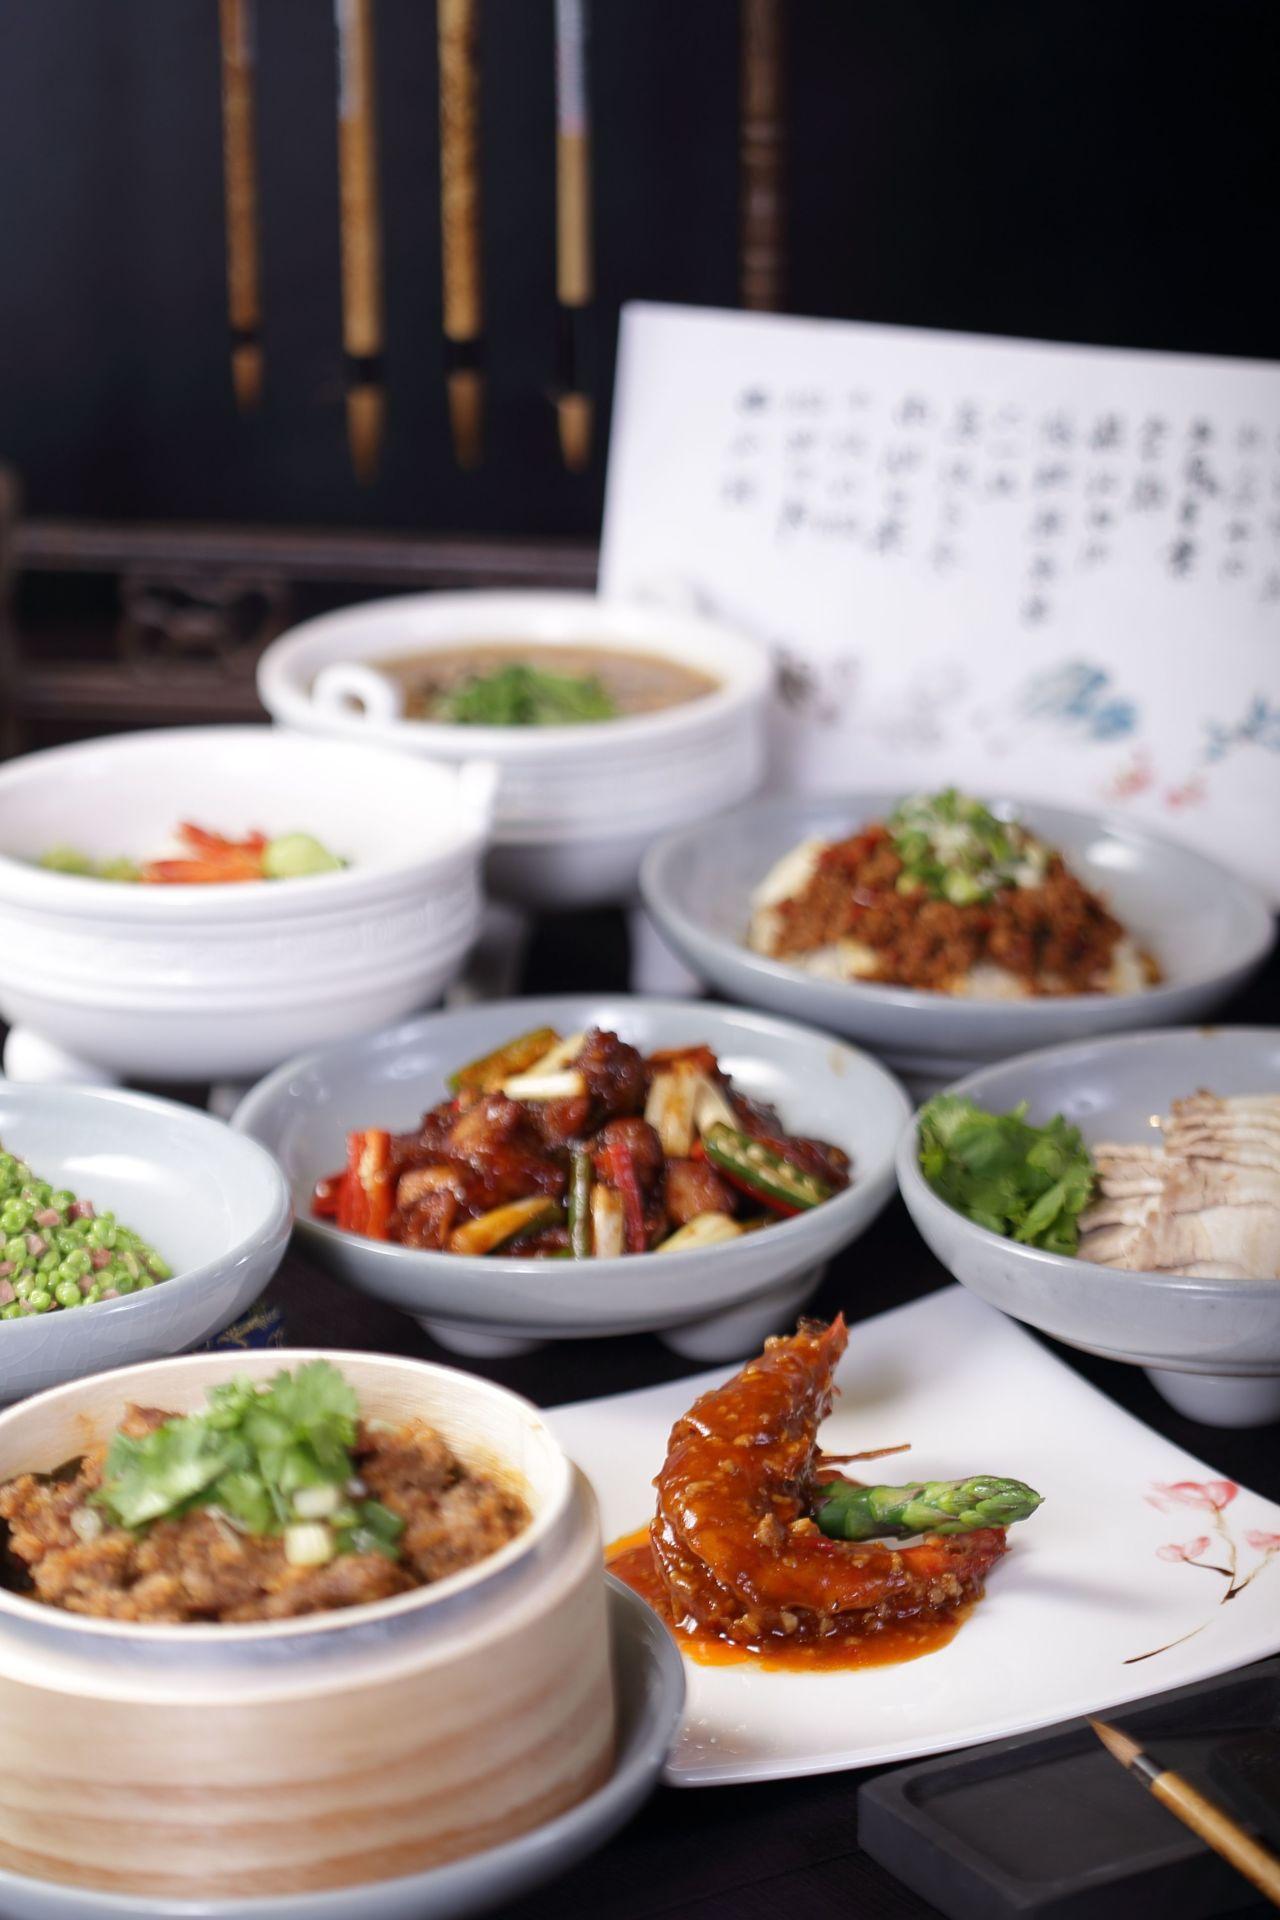 故宮晶華推出大千宴,設計出13道特色料理。圖/晶華酒店提供